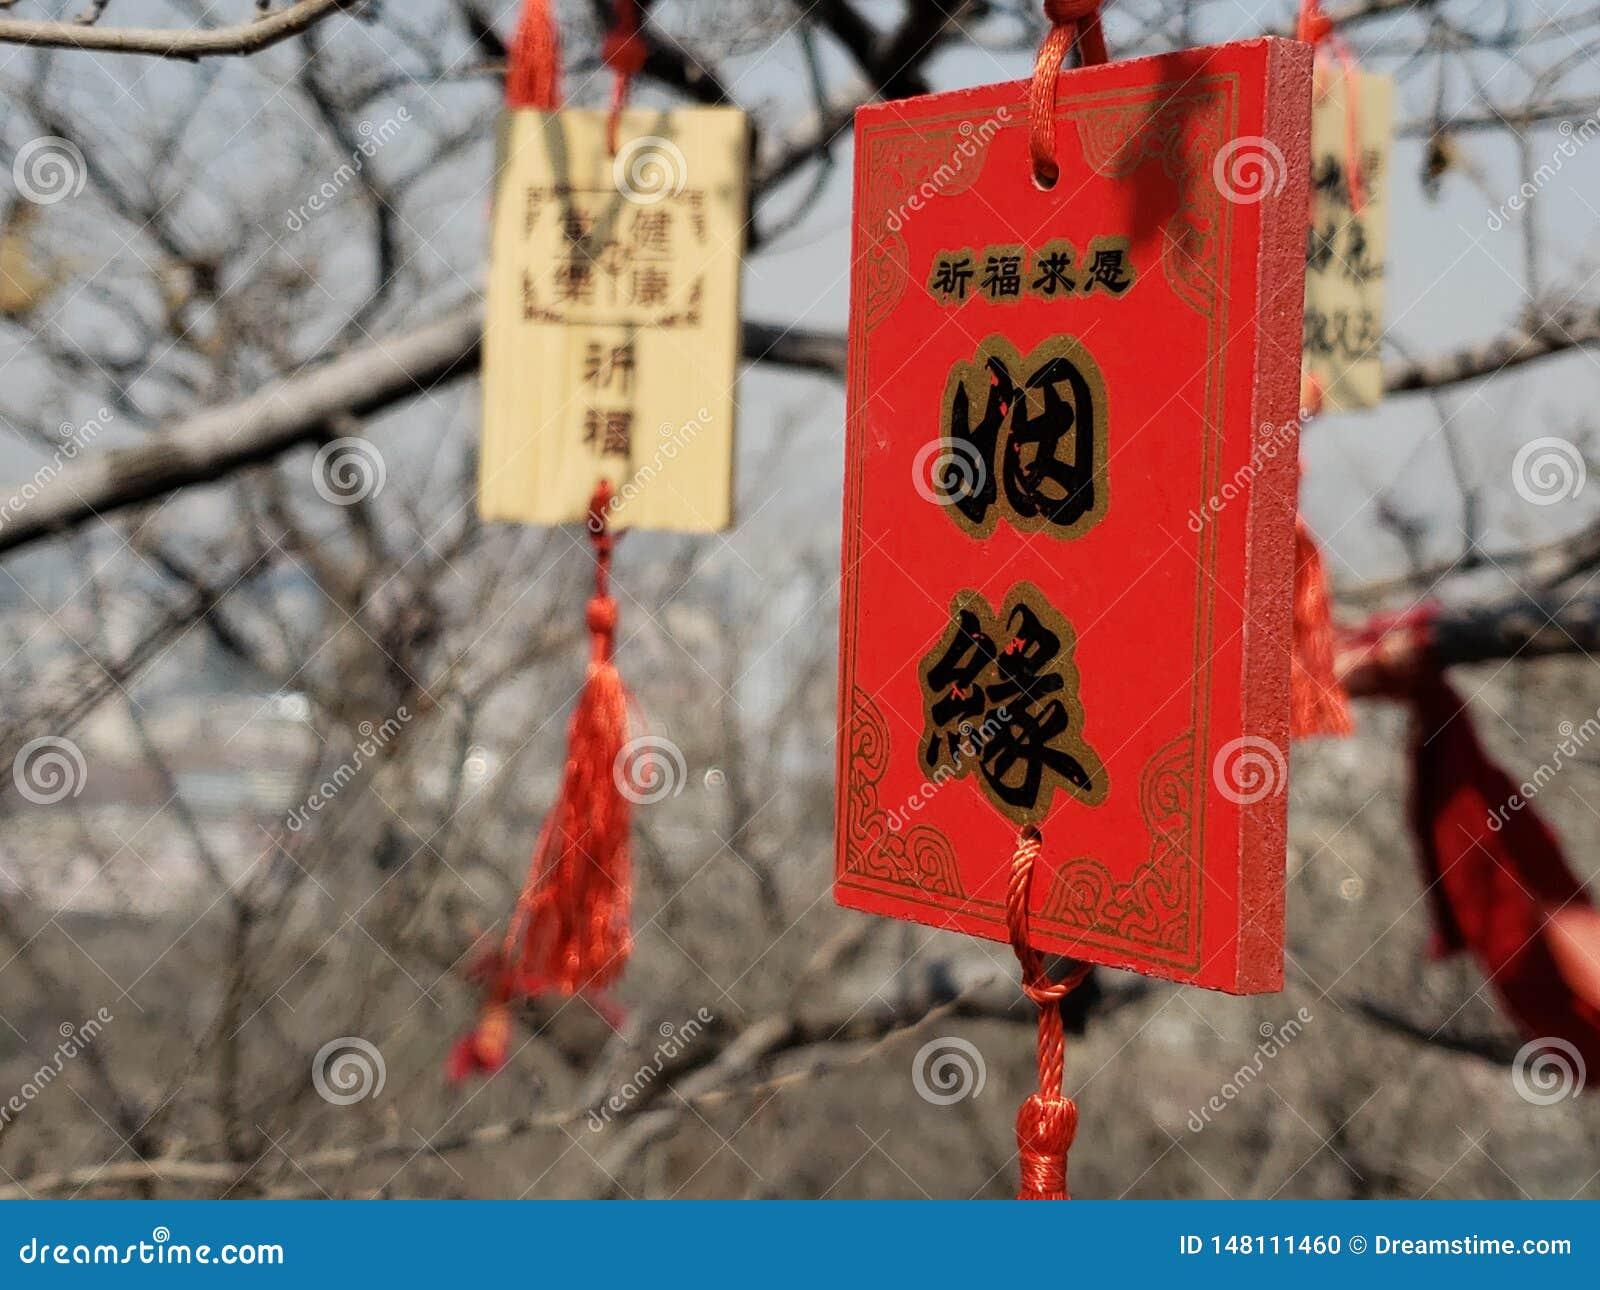 Cartes en bois pour des prières dans des temples chinois